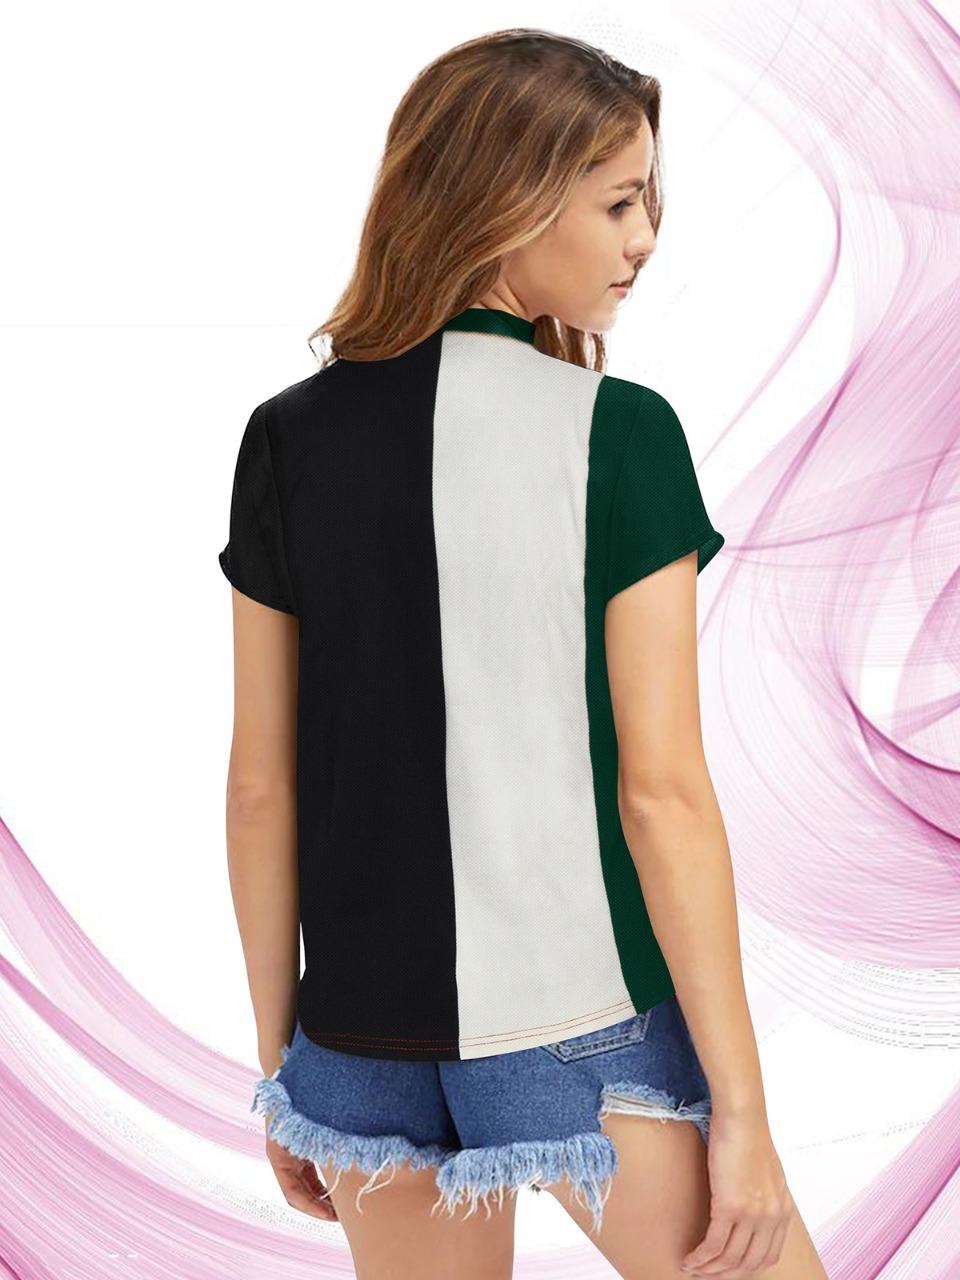 디자이너 최신유행 t-셔츠